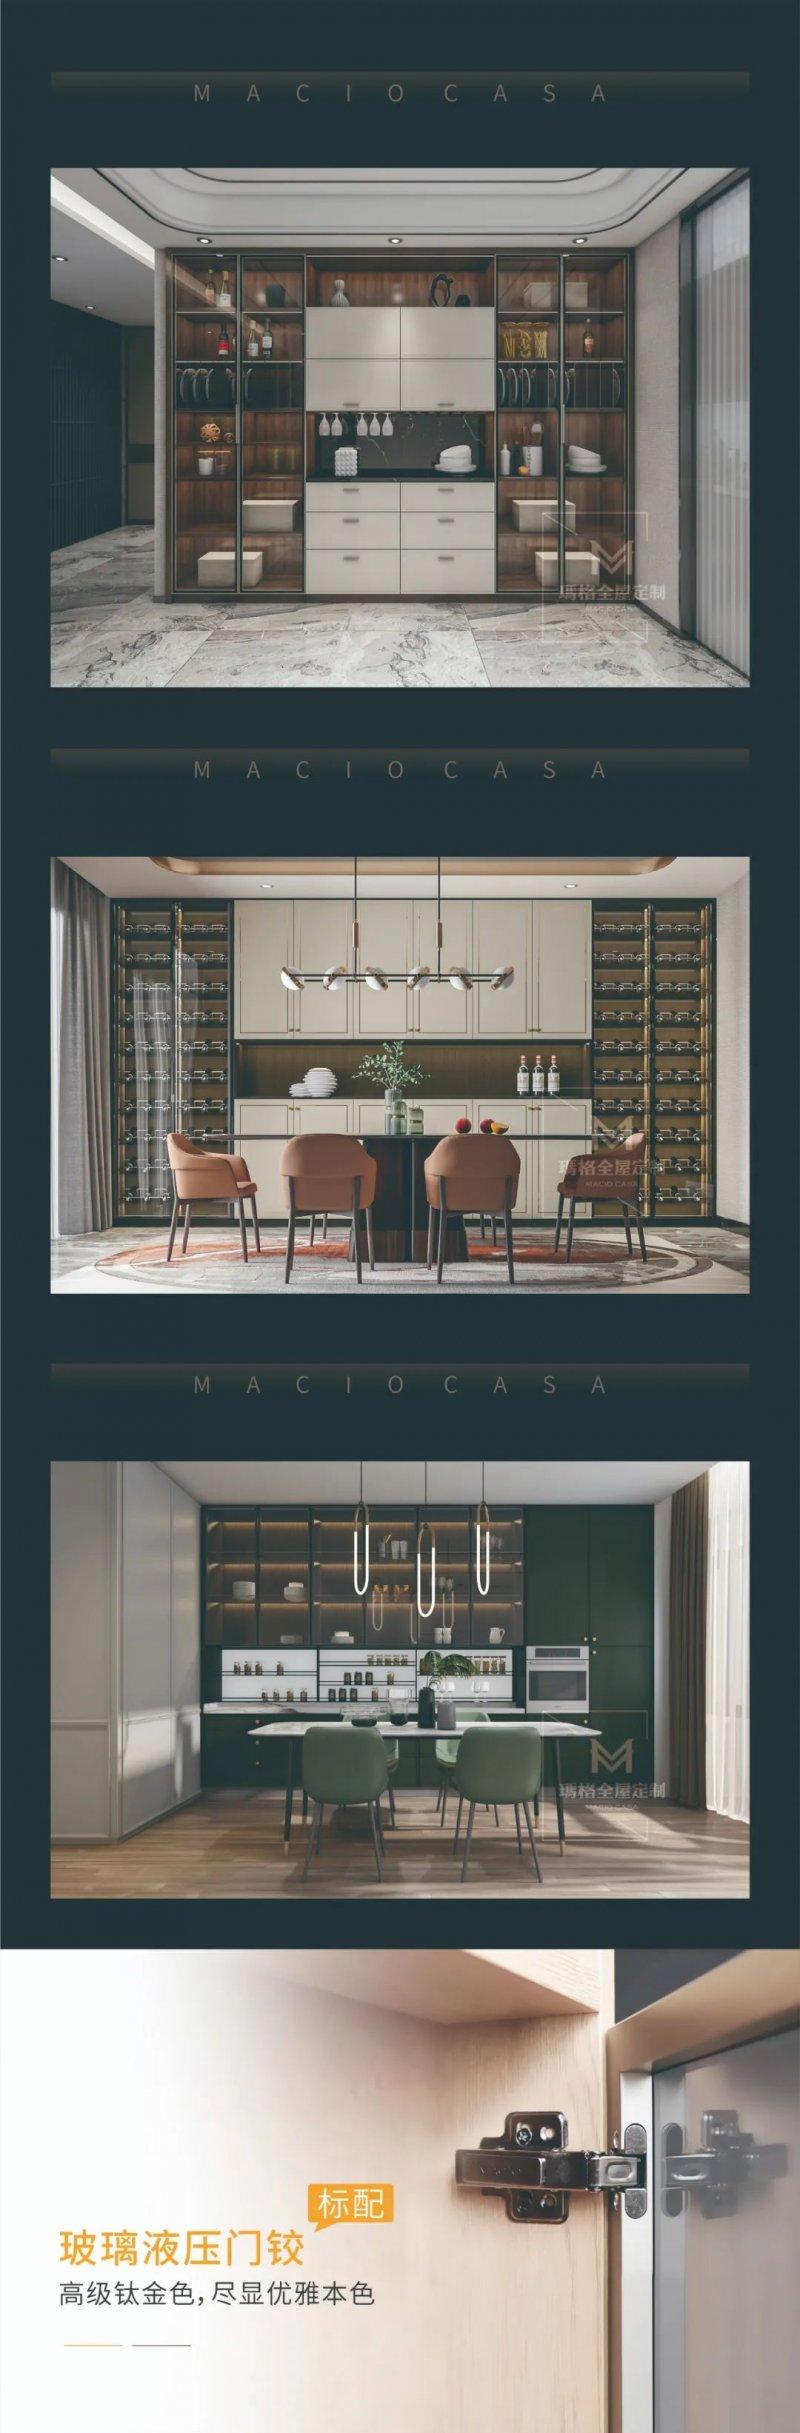 玛格全屋定制 22窄边铝框玻璃门